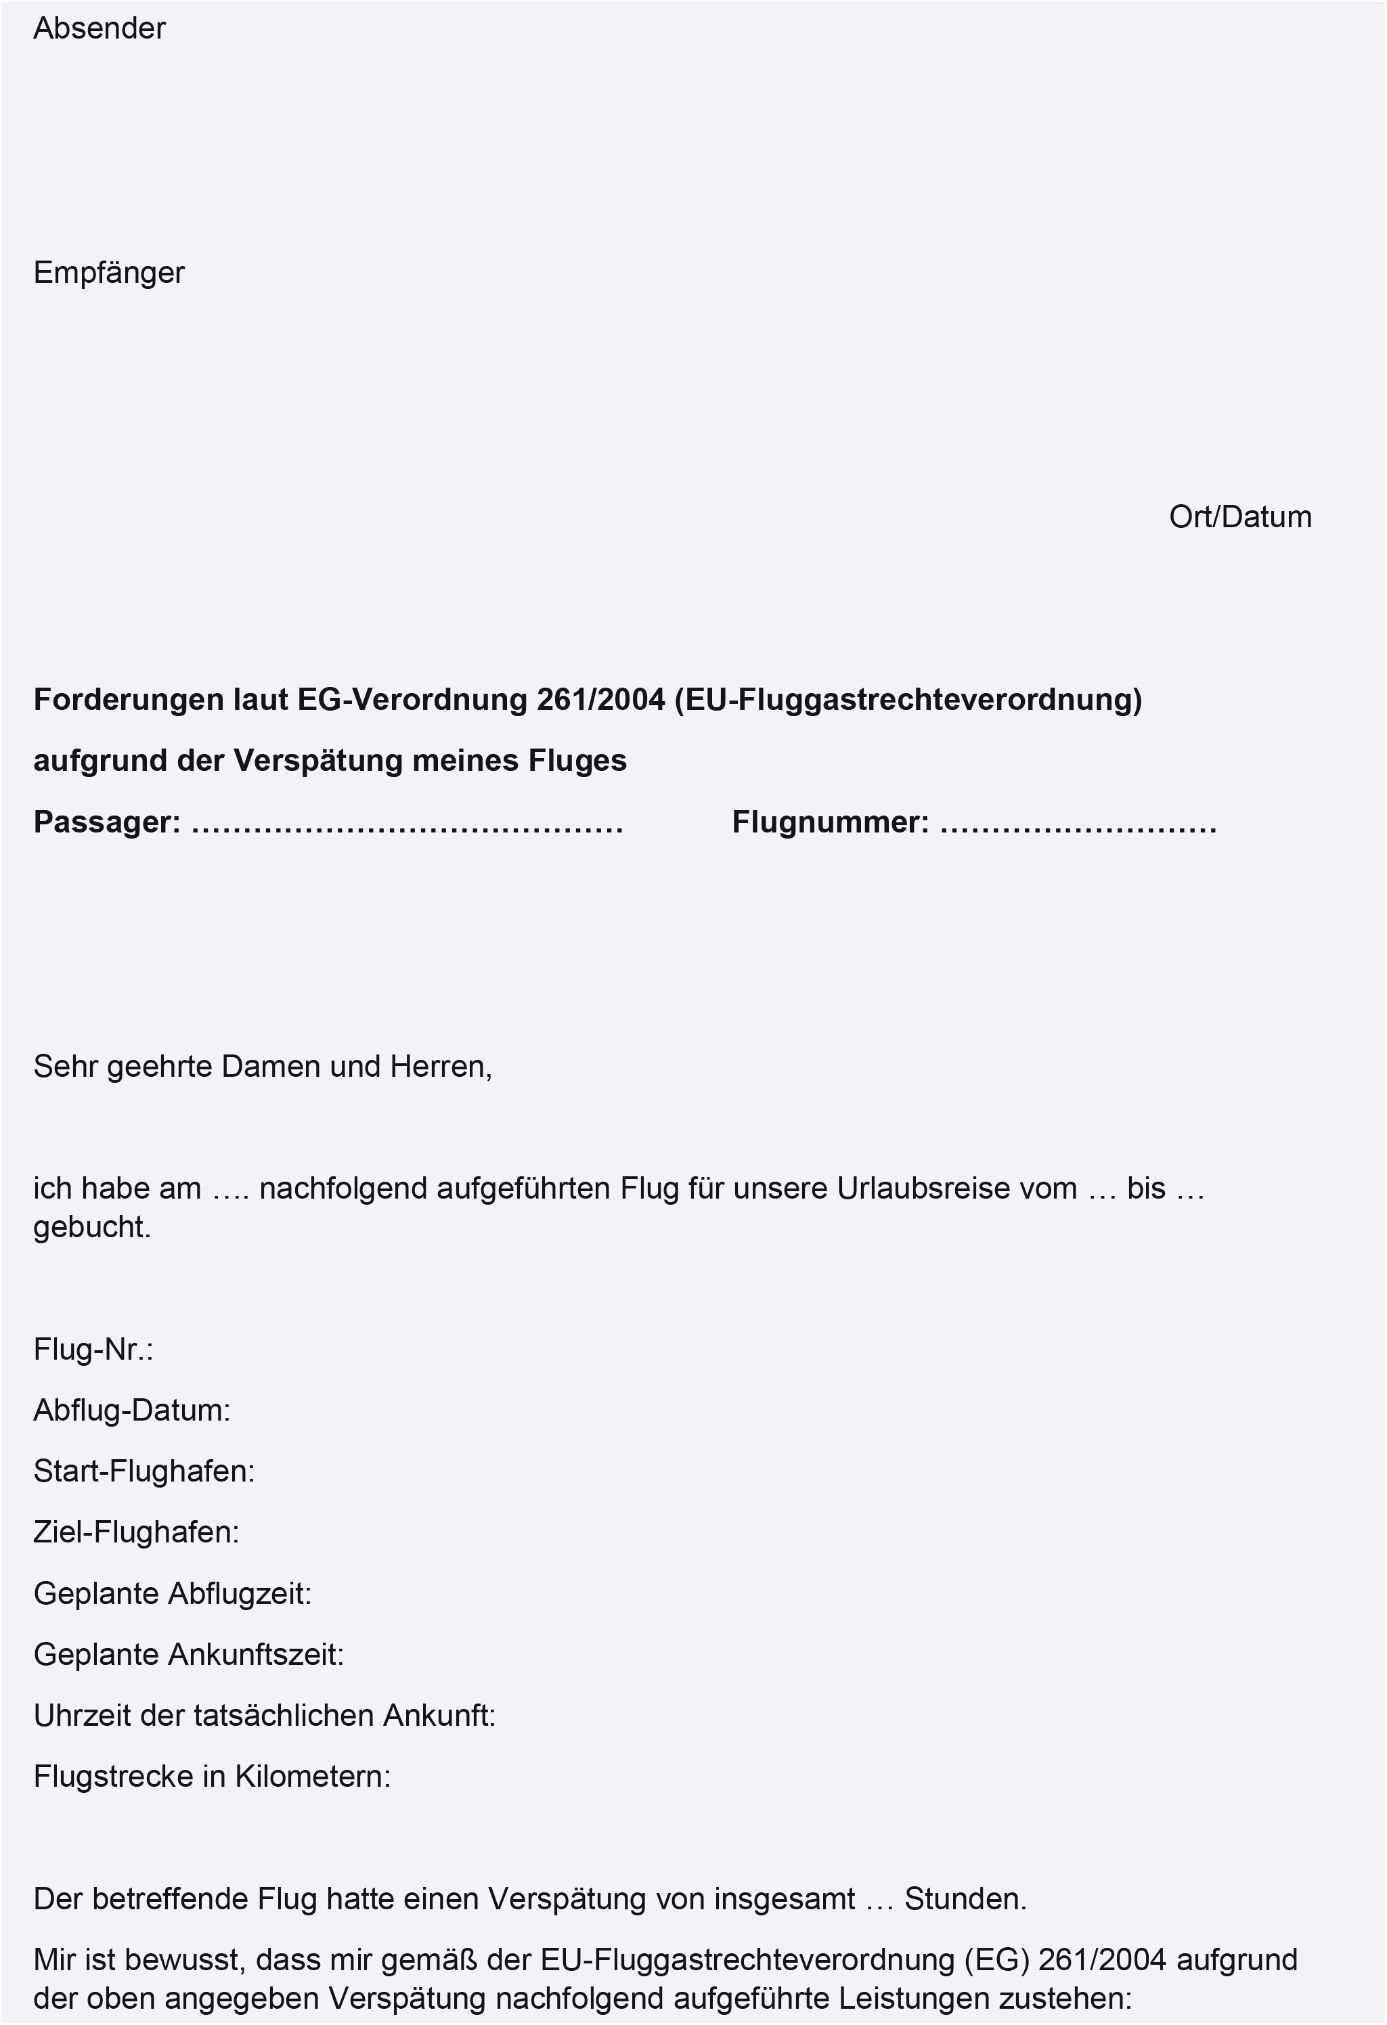 Einzigartig Anschreiben Preiserhohung Stundenlohn Briefprobe Briefformat Briefvorlage Anschreiben Briefvorlagen Vorlagen